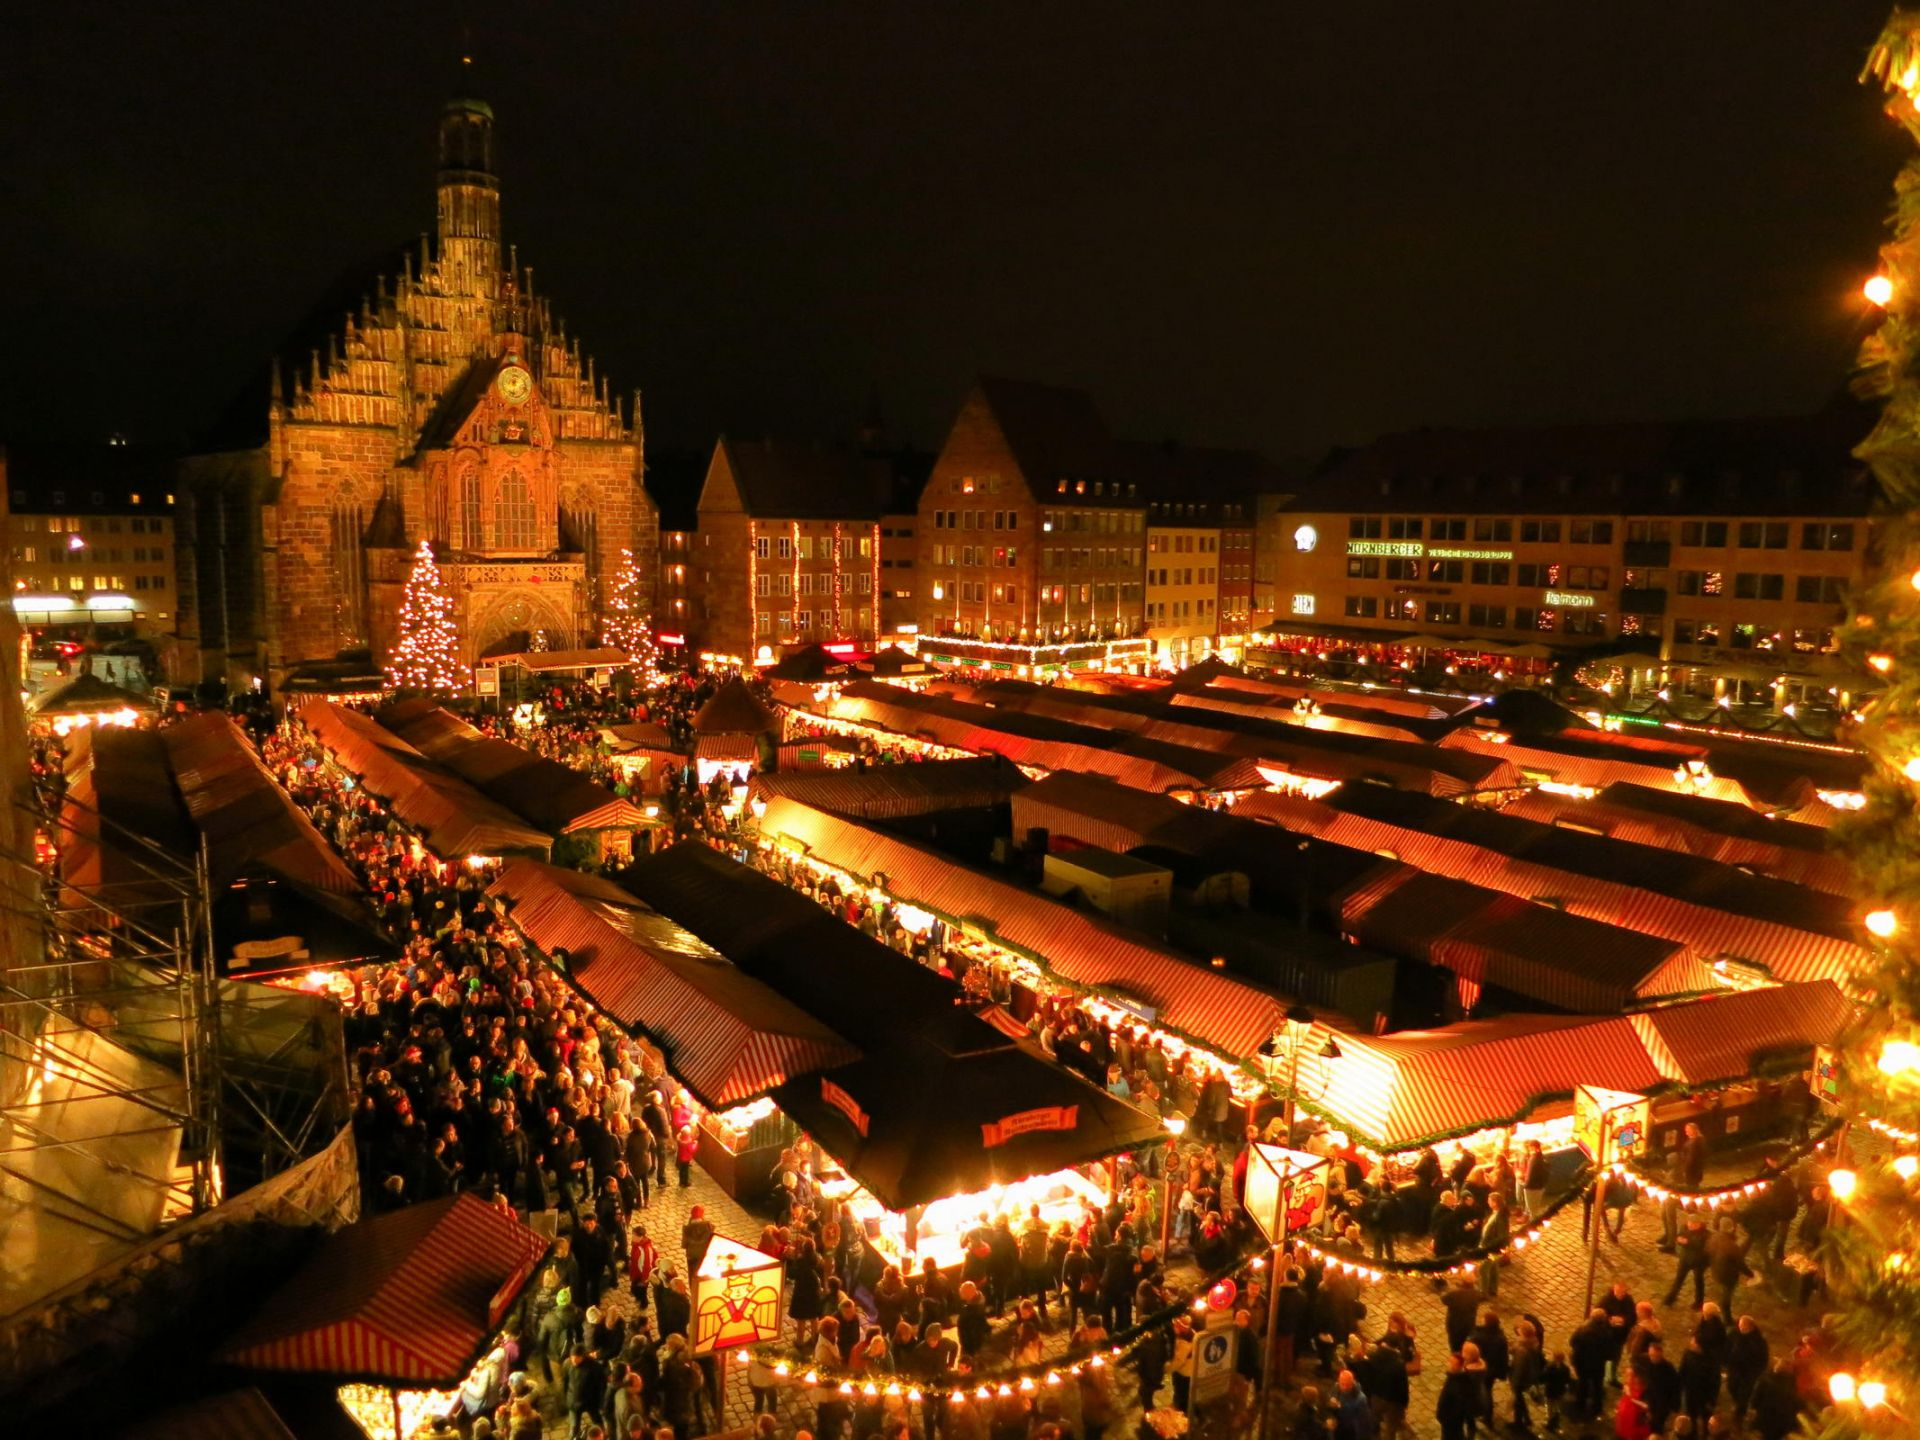 Η Νυρεμβέργη είναι πόλη της Ομοσπονδιακής Δημοκρατίας της Γερμανίας στο ομόσπονδο κρατίδιο της Βαυαρίας και βρίσκεται στην κοιλάδα του ποταμού Πέγκνιτς. Το πολιτιστικό άνθισμα της Νυρεμβέργης κατά το 15ο και το 16ο αιώνα την έκανε το κέντρο της Γερμανικής Αναγέννησης.